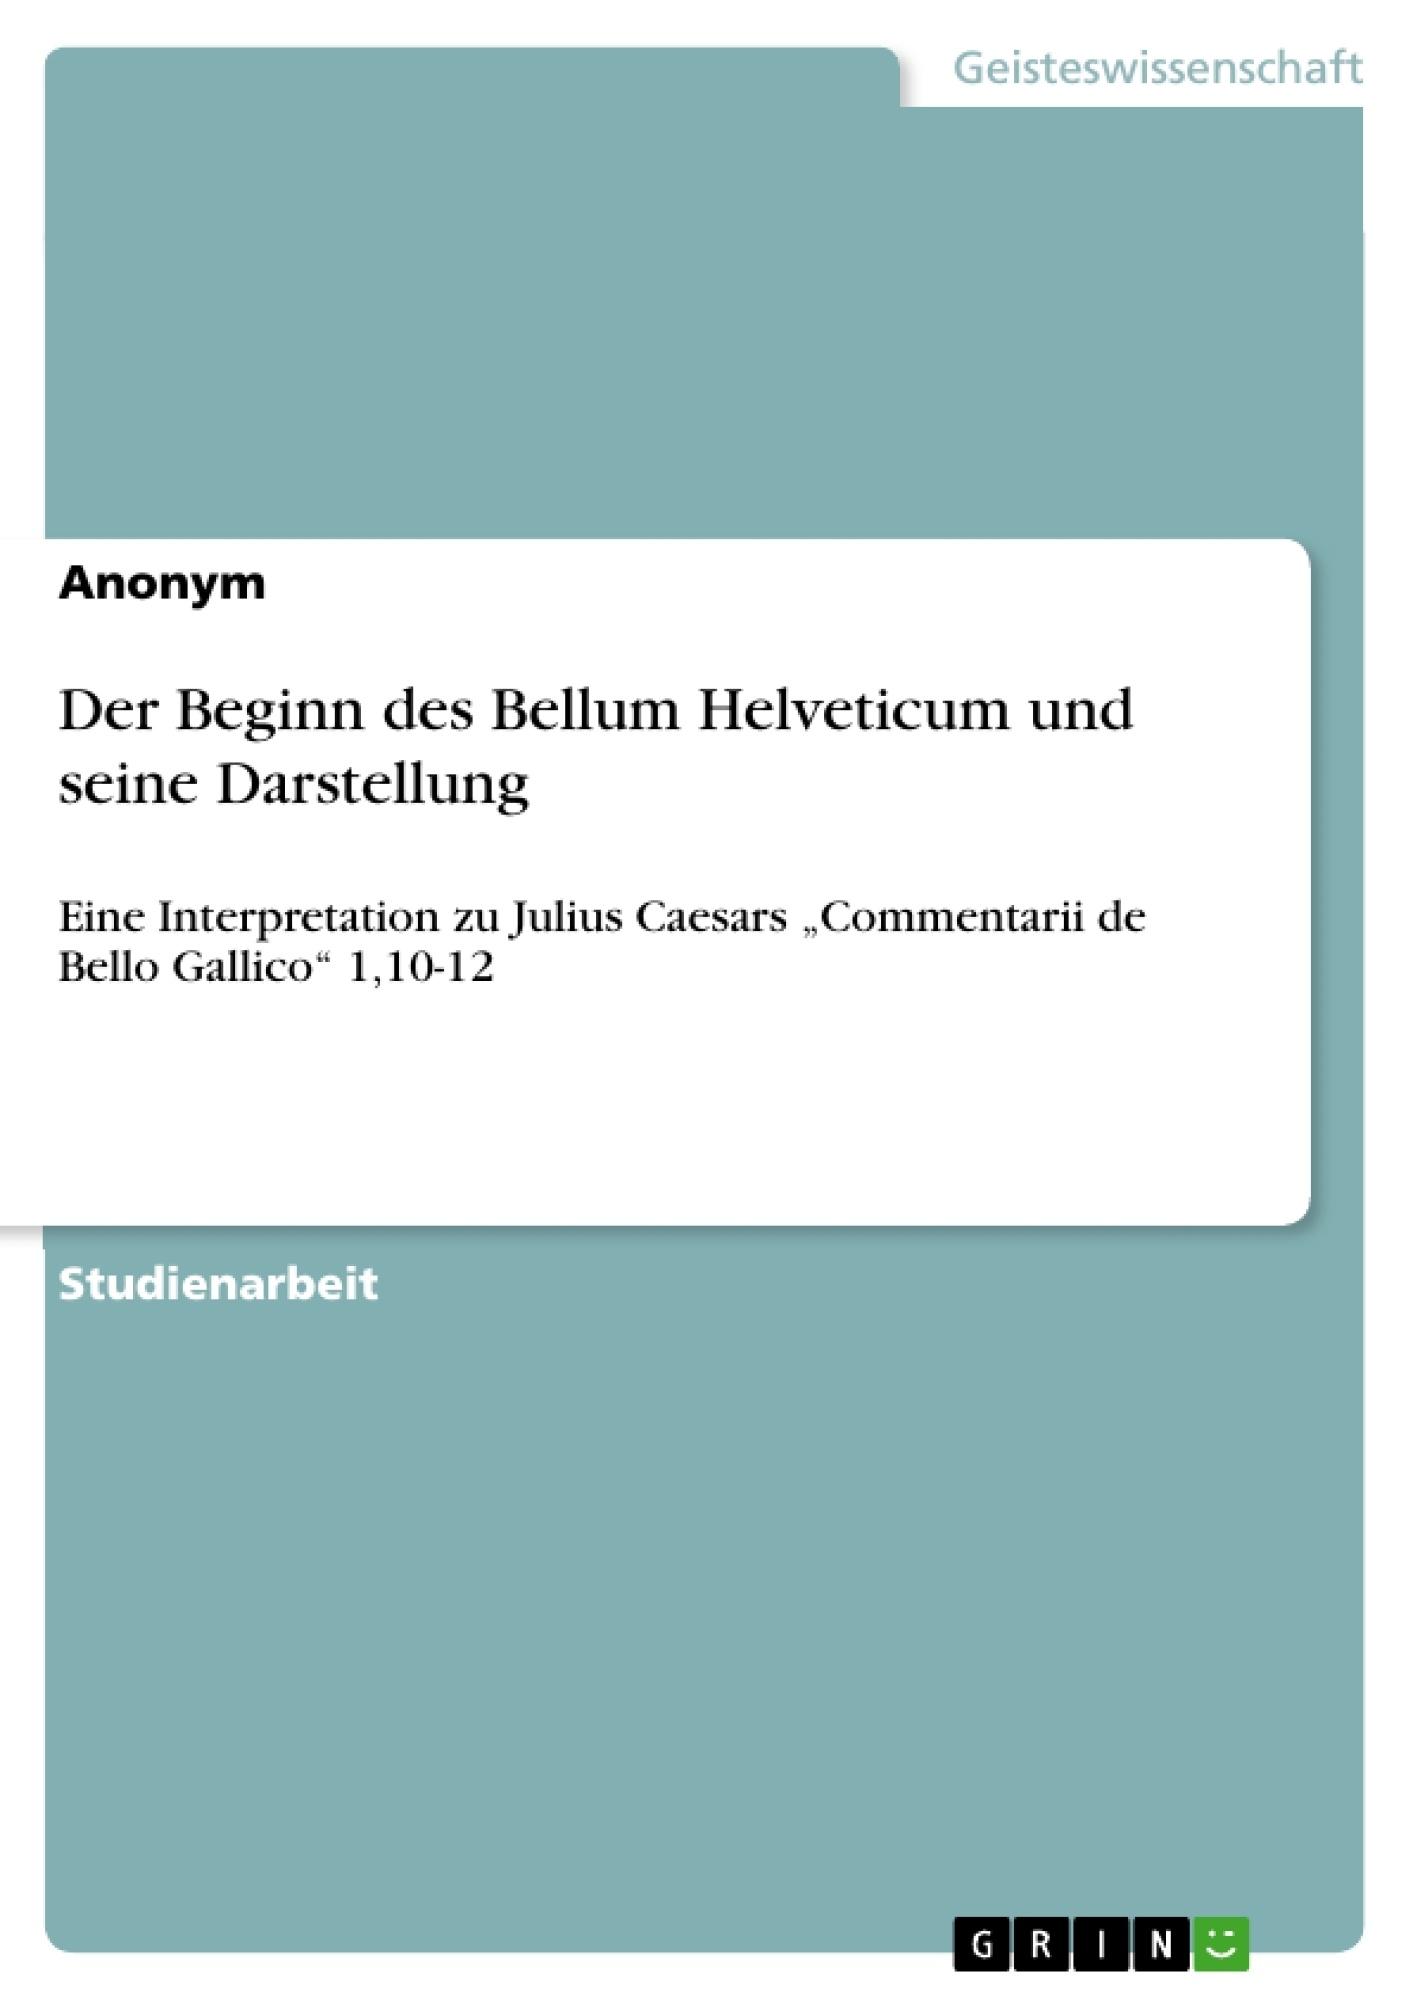 Titel: Der Beginn des Bellum Helveticum und seine Darstellung